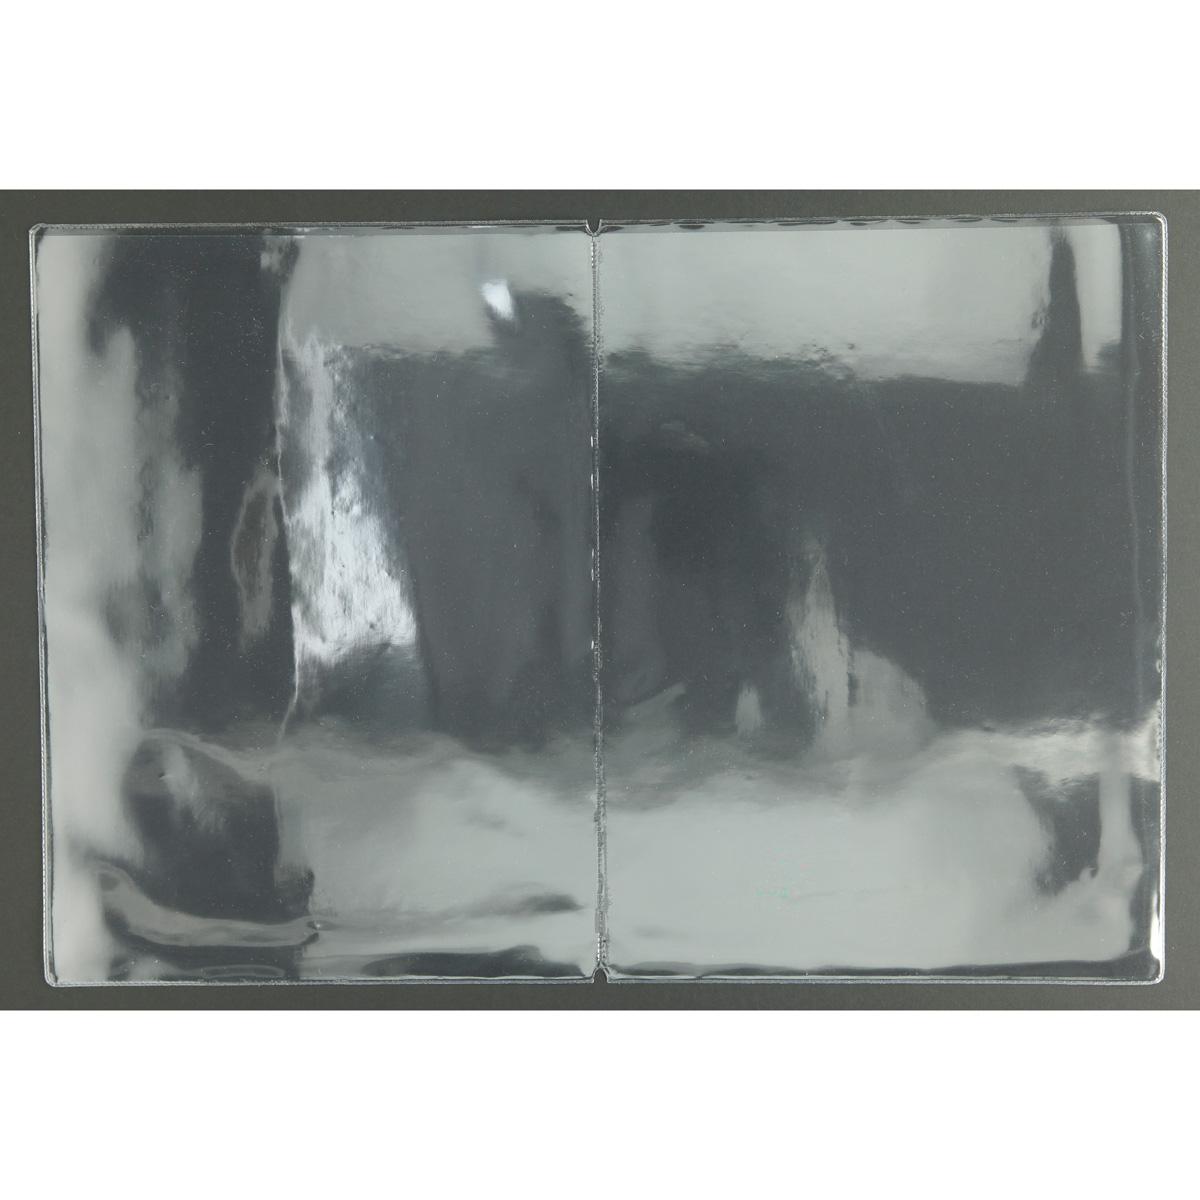 Wkłady foliowe